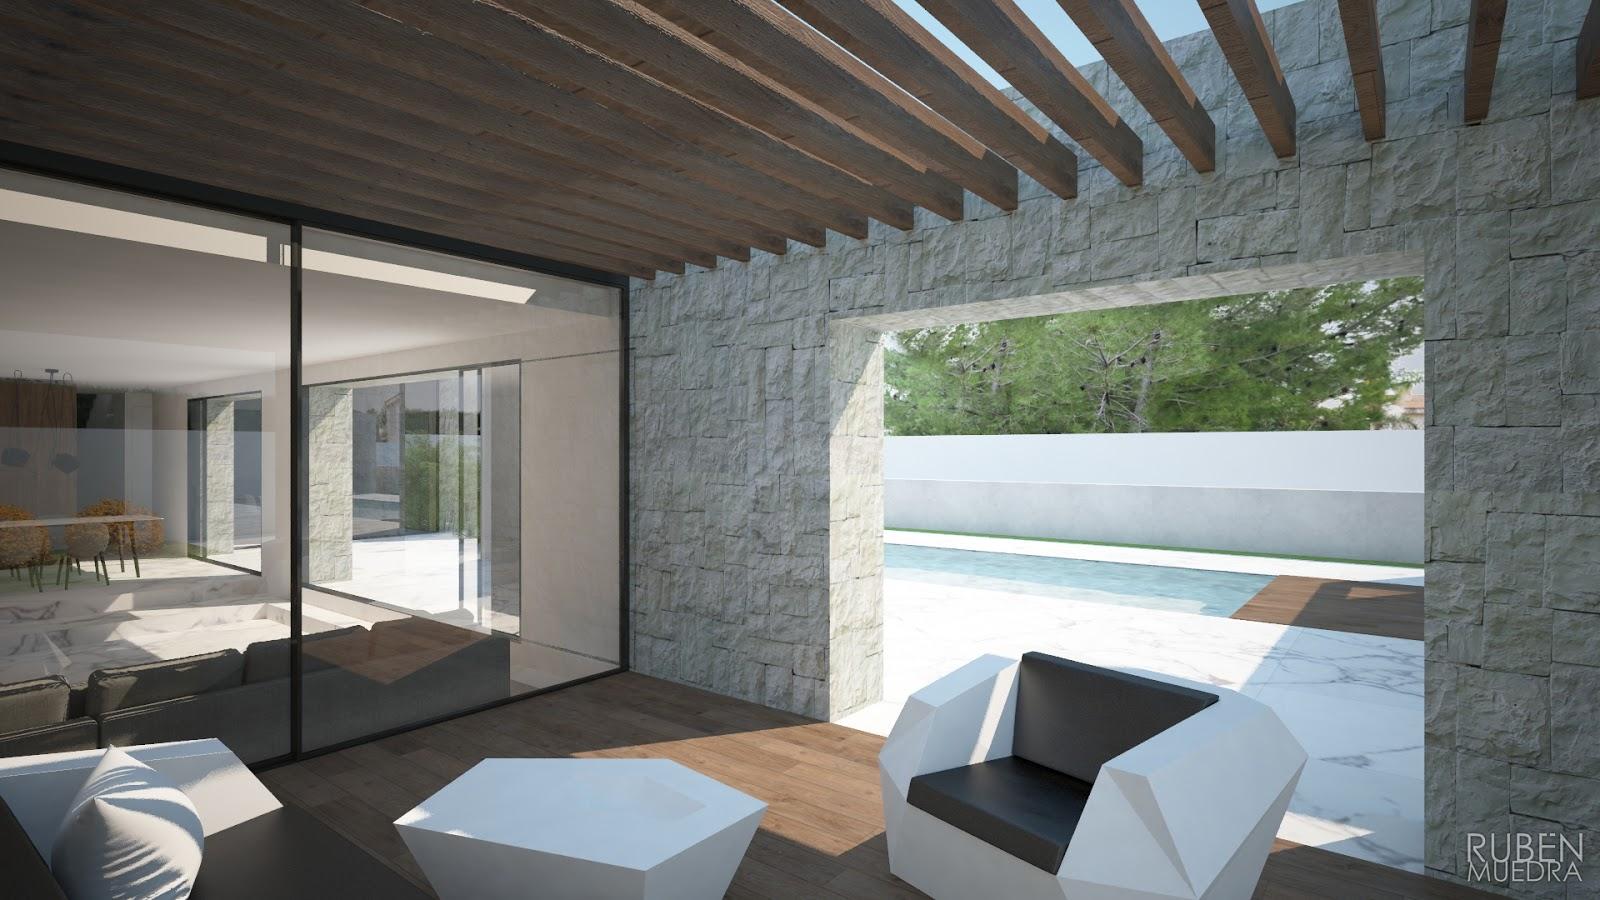 Arquitectos valencia ruben muedra estudio de - Estudios de arquitectura coruna ...